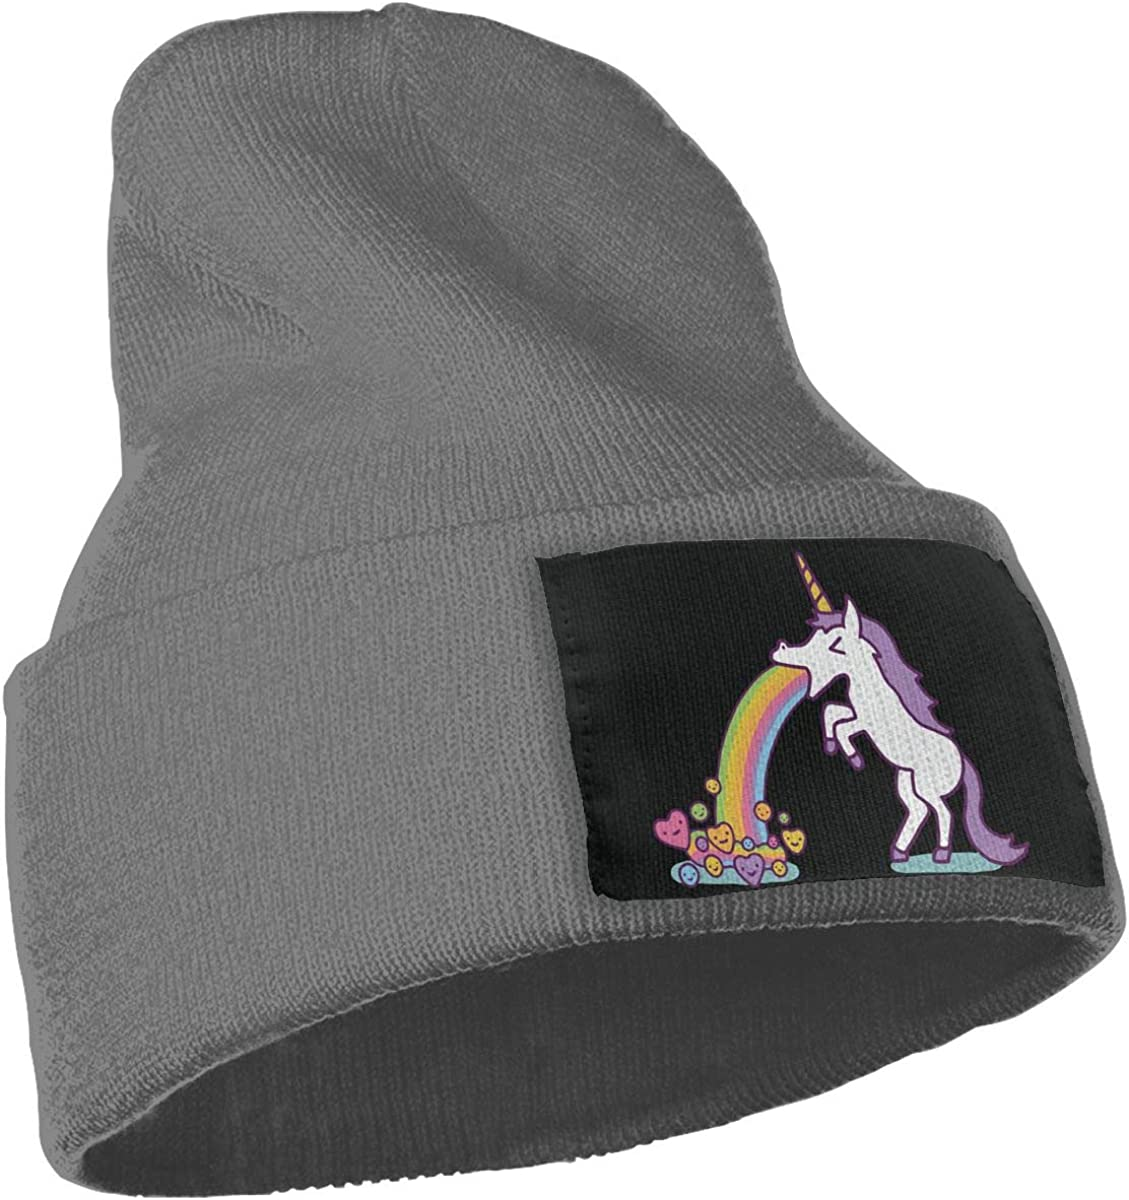 Unicorn Spit Rainbow Sugar Warm Winter Hat Knit Beanie Skull Cap Cuff Beanie Hat Winter Hats for Men /& Women